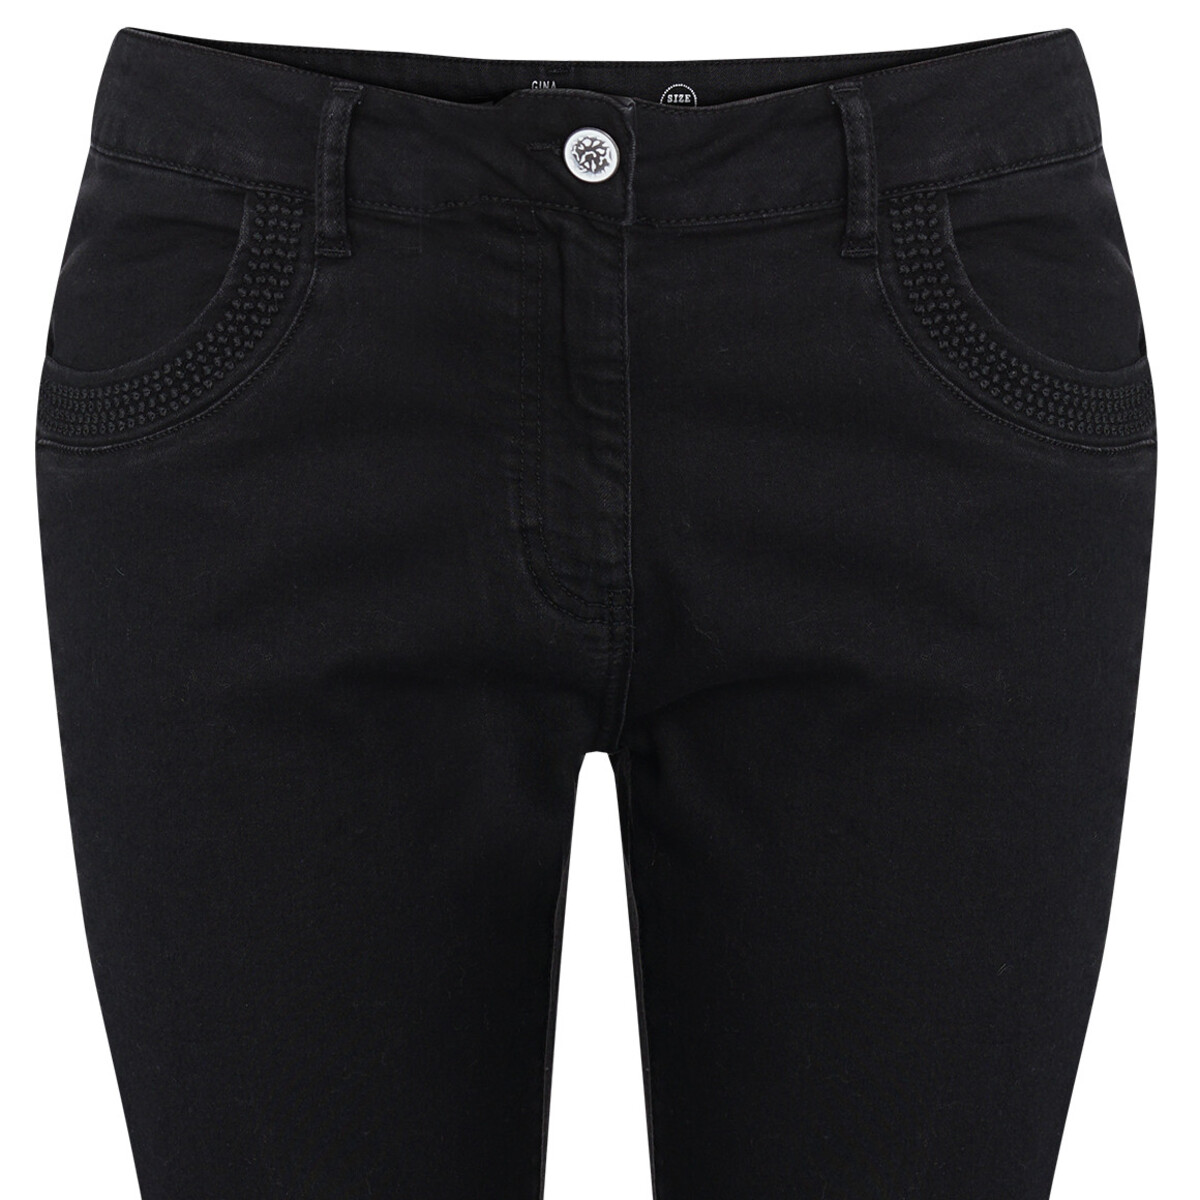 Bild 2 von Damen Slim-Jeans mit Galonstreifen